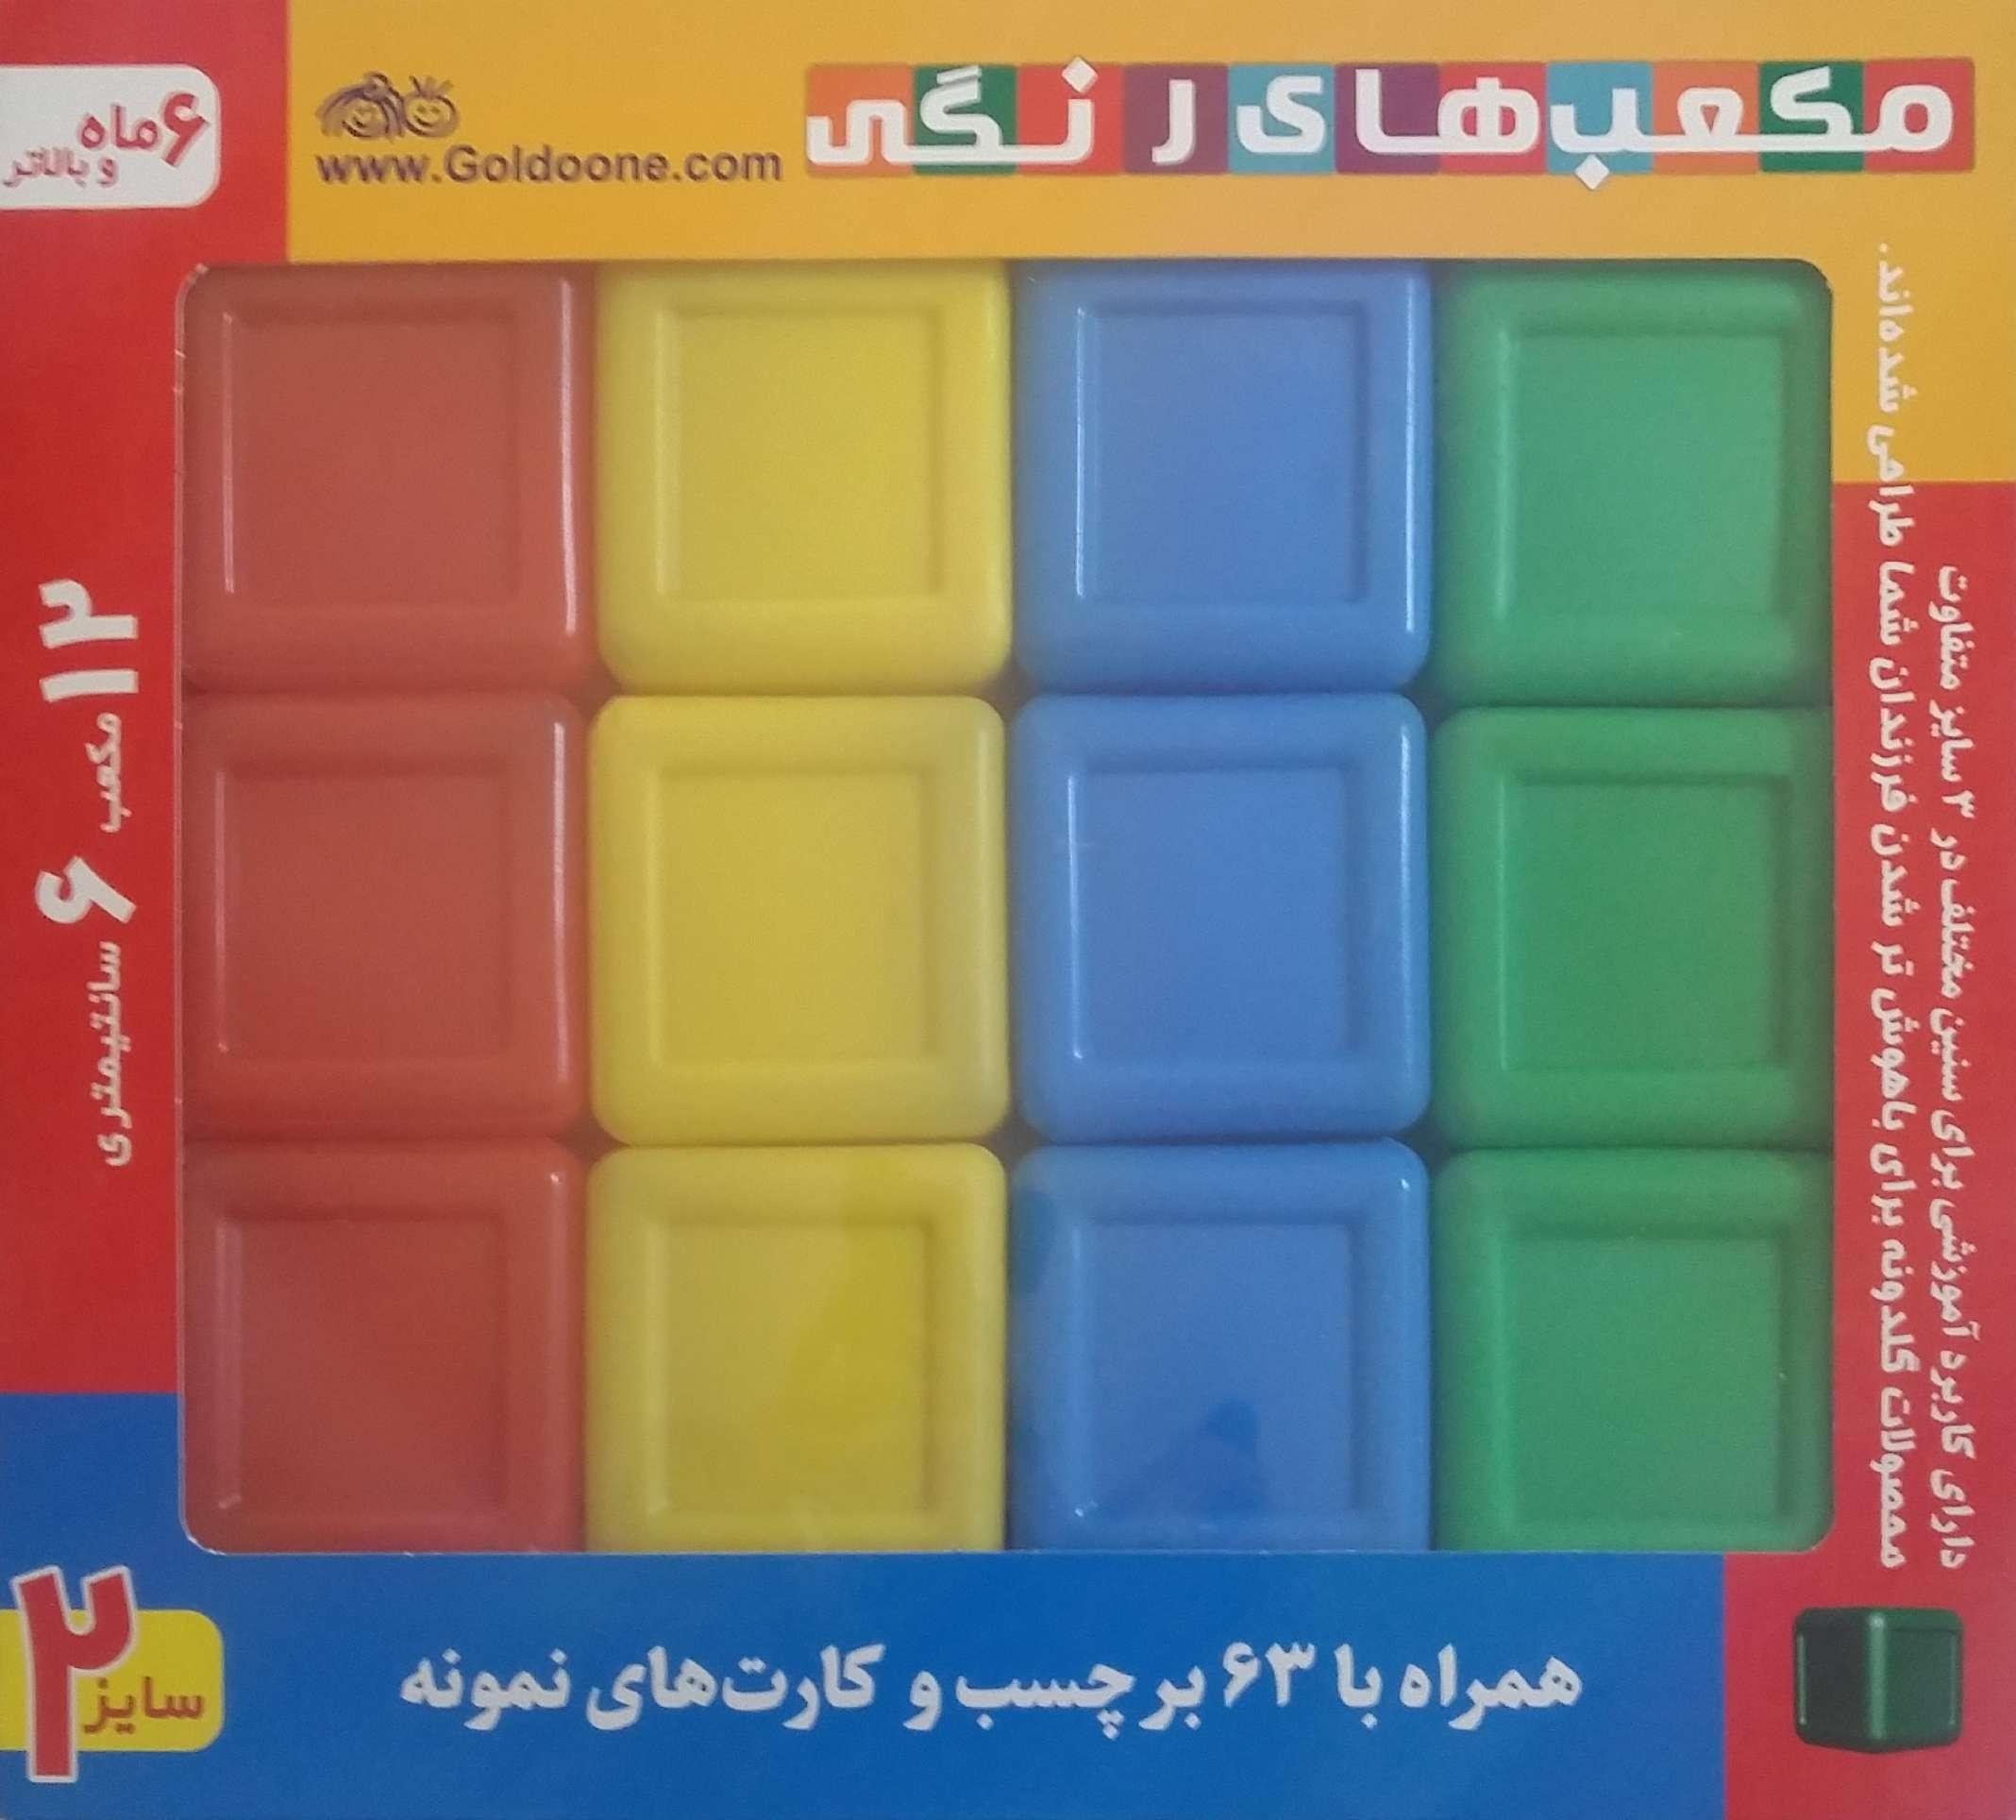 پازل-مكعب-هاي-رنگي-12قطعه